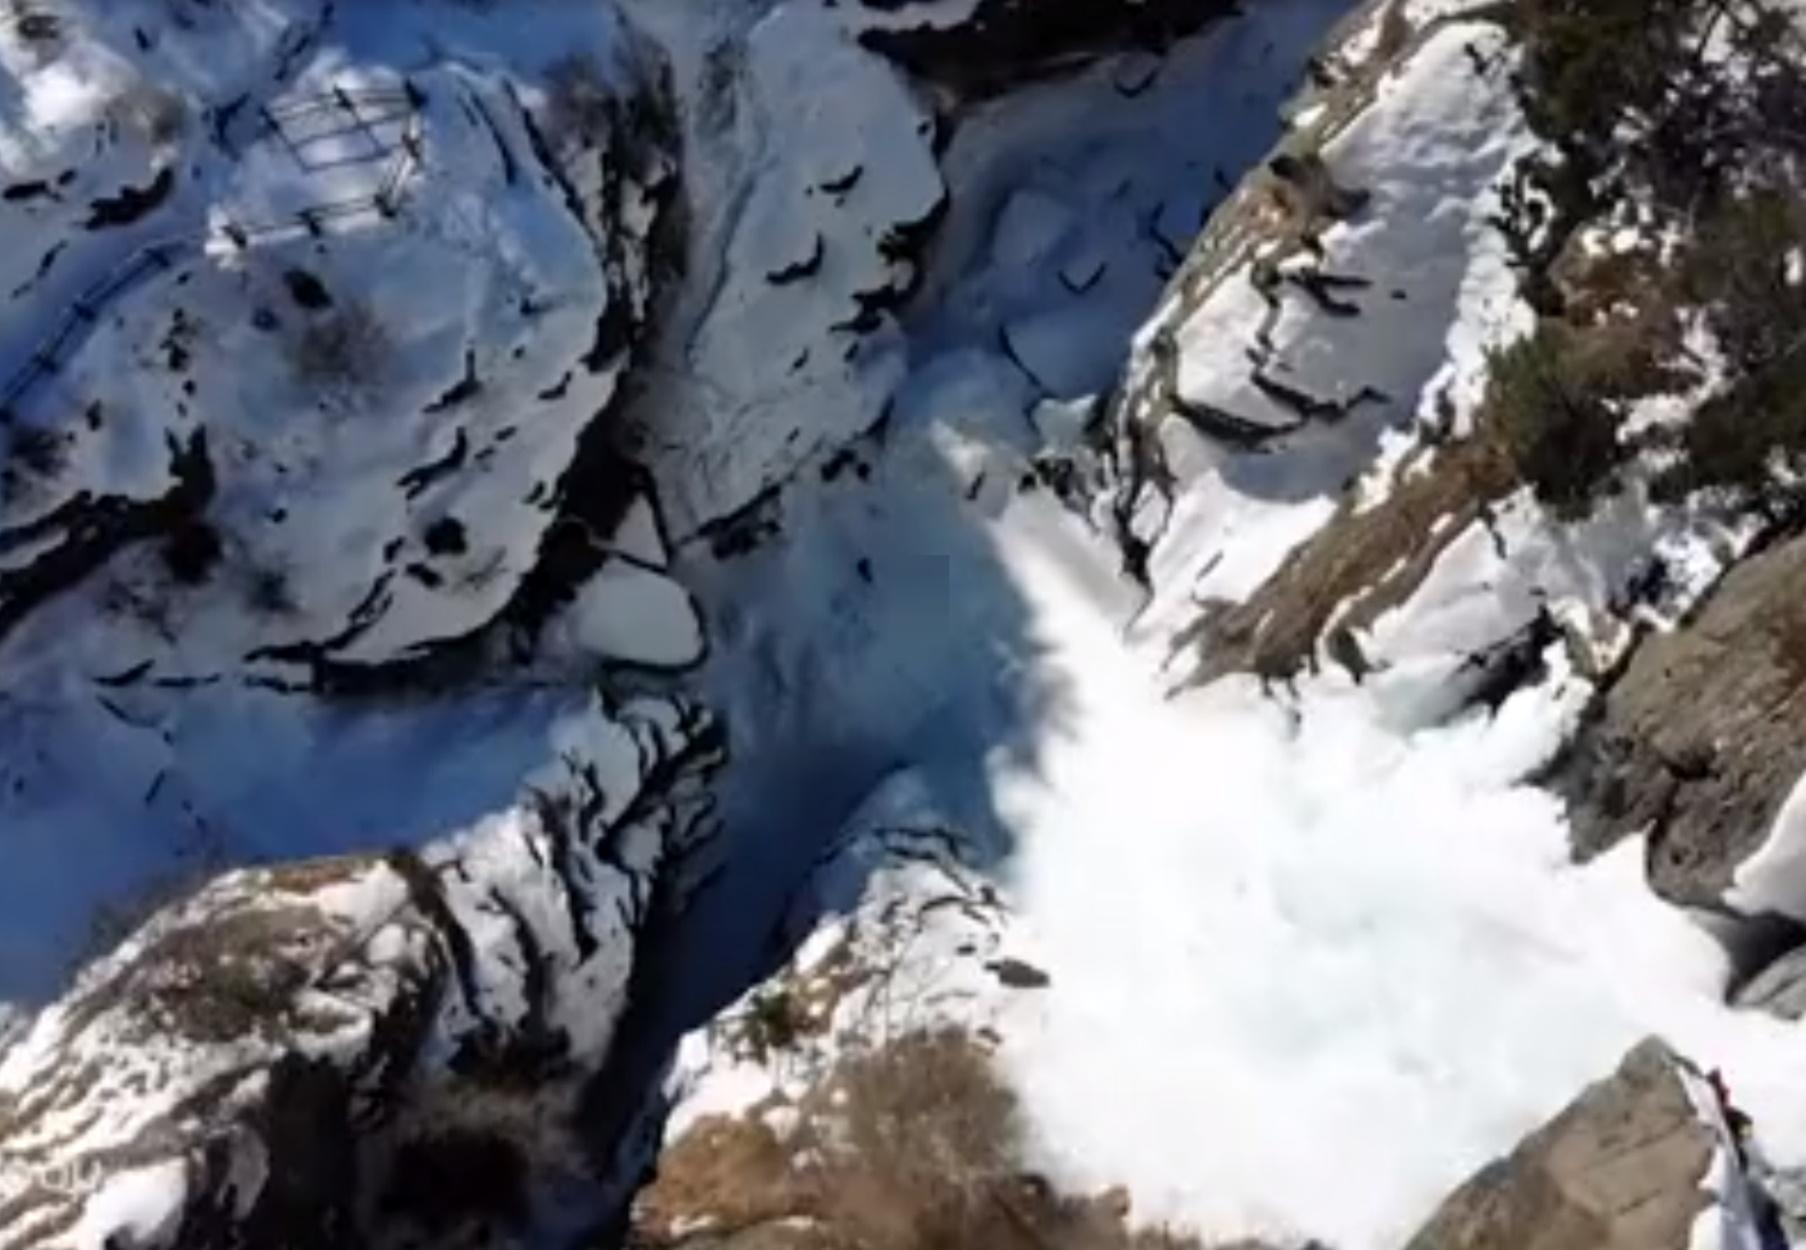 Ορειβάτες σκαρφαλώνουν σε τεράστιο παγωμένο καταρράκτη στην Ιταλία!